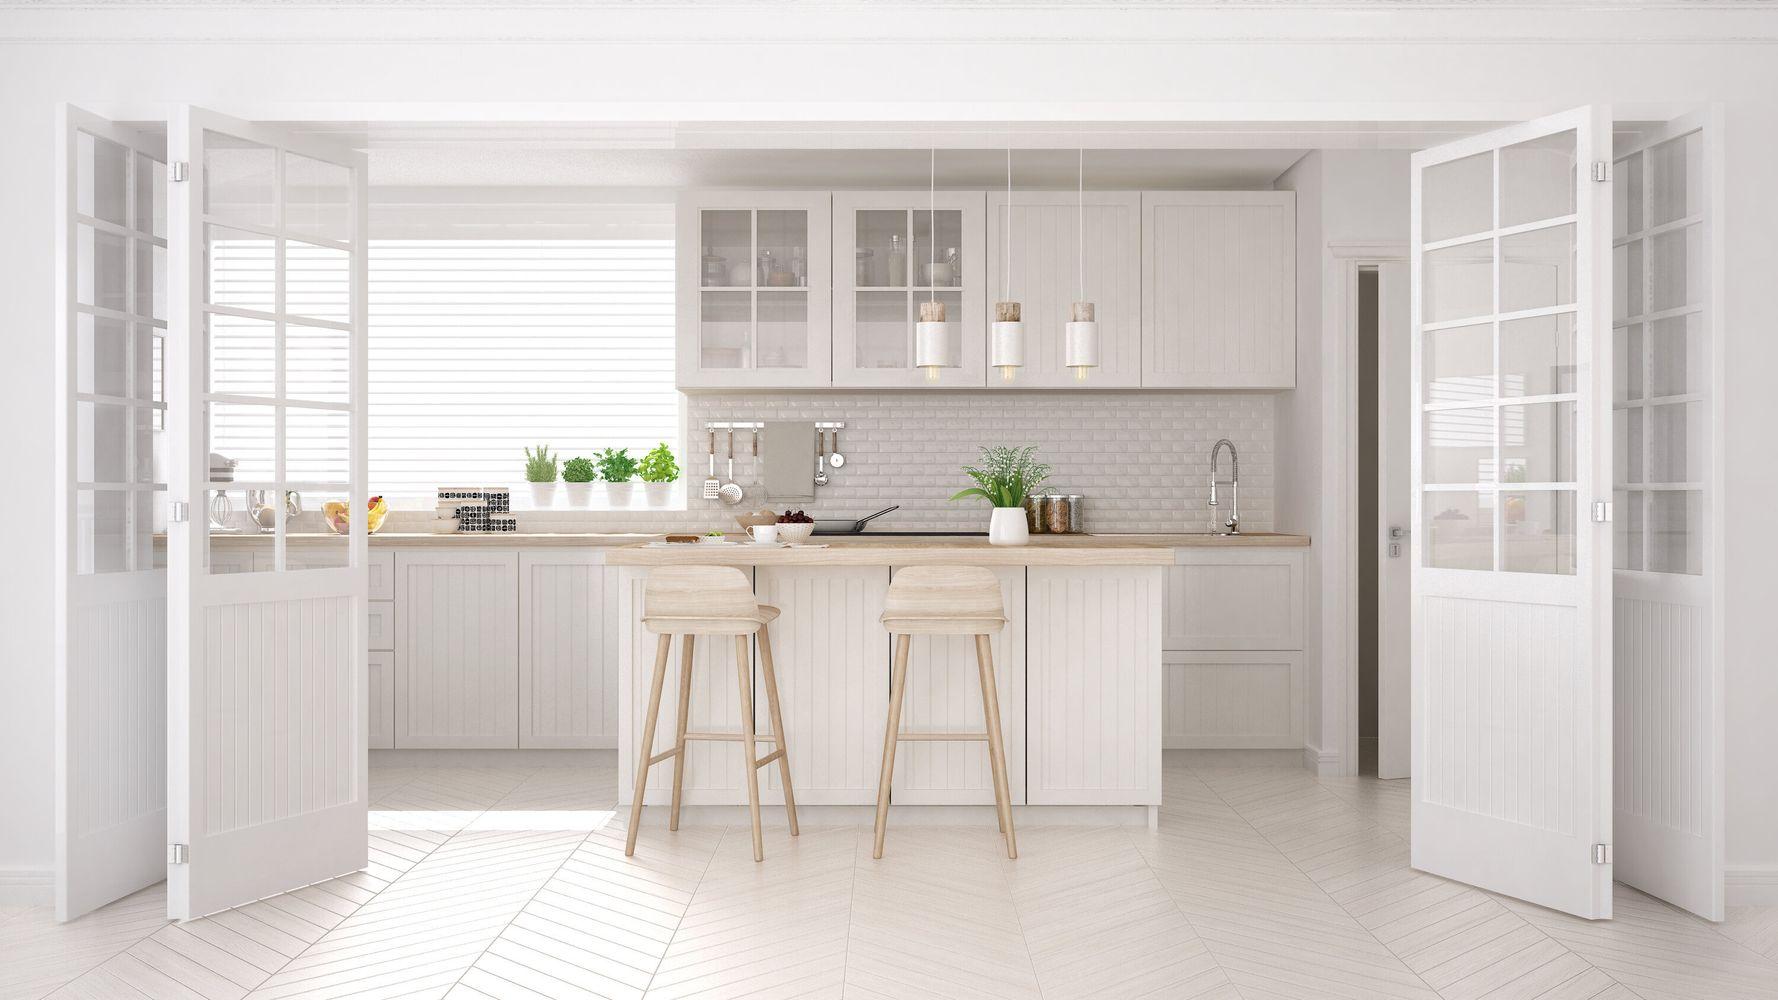 21 Minimalist Kitchen Ideas To Lust After Huffpost Australia Style